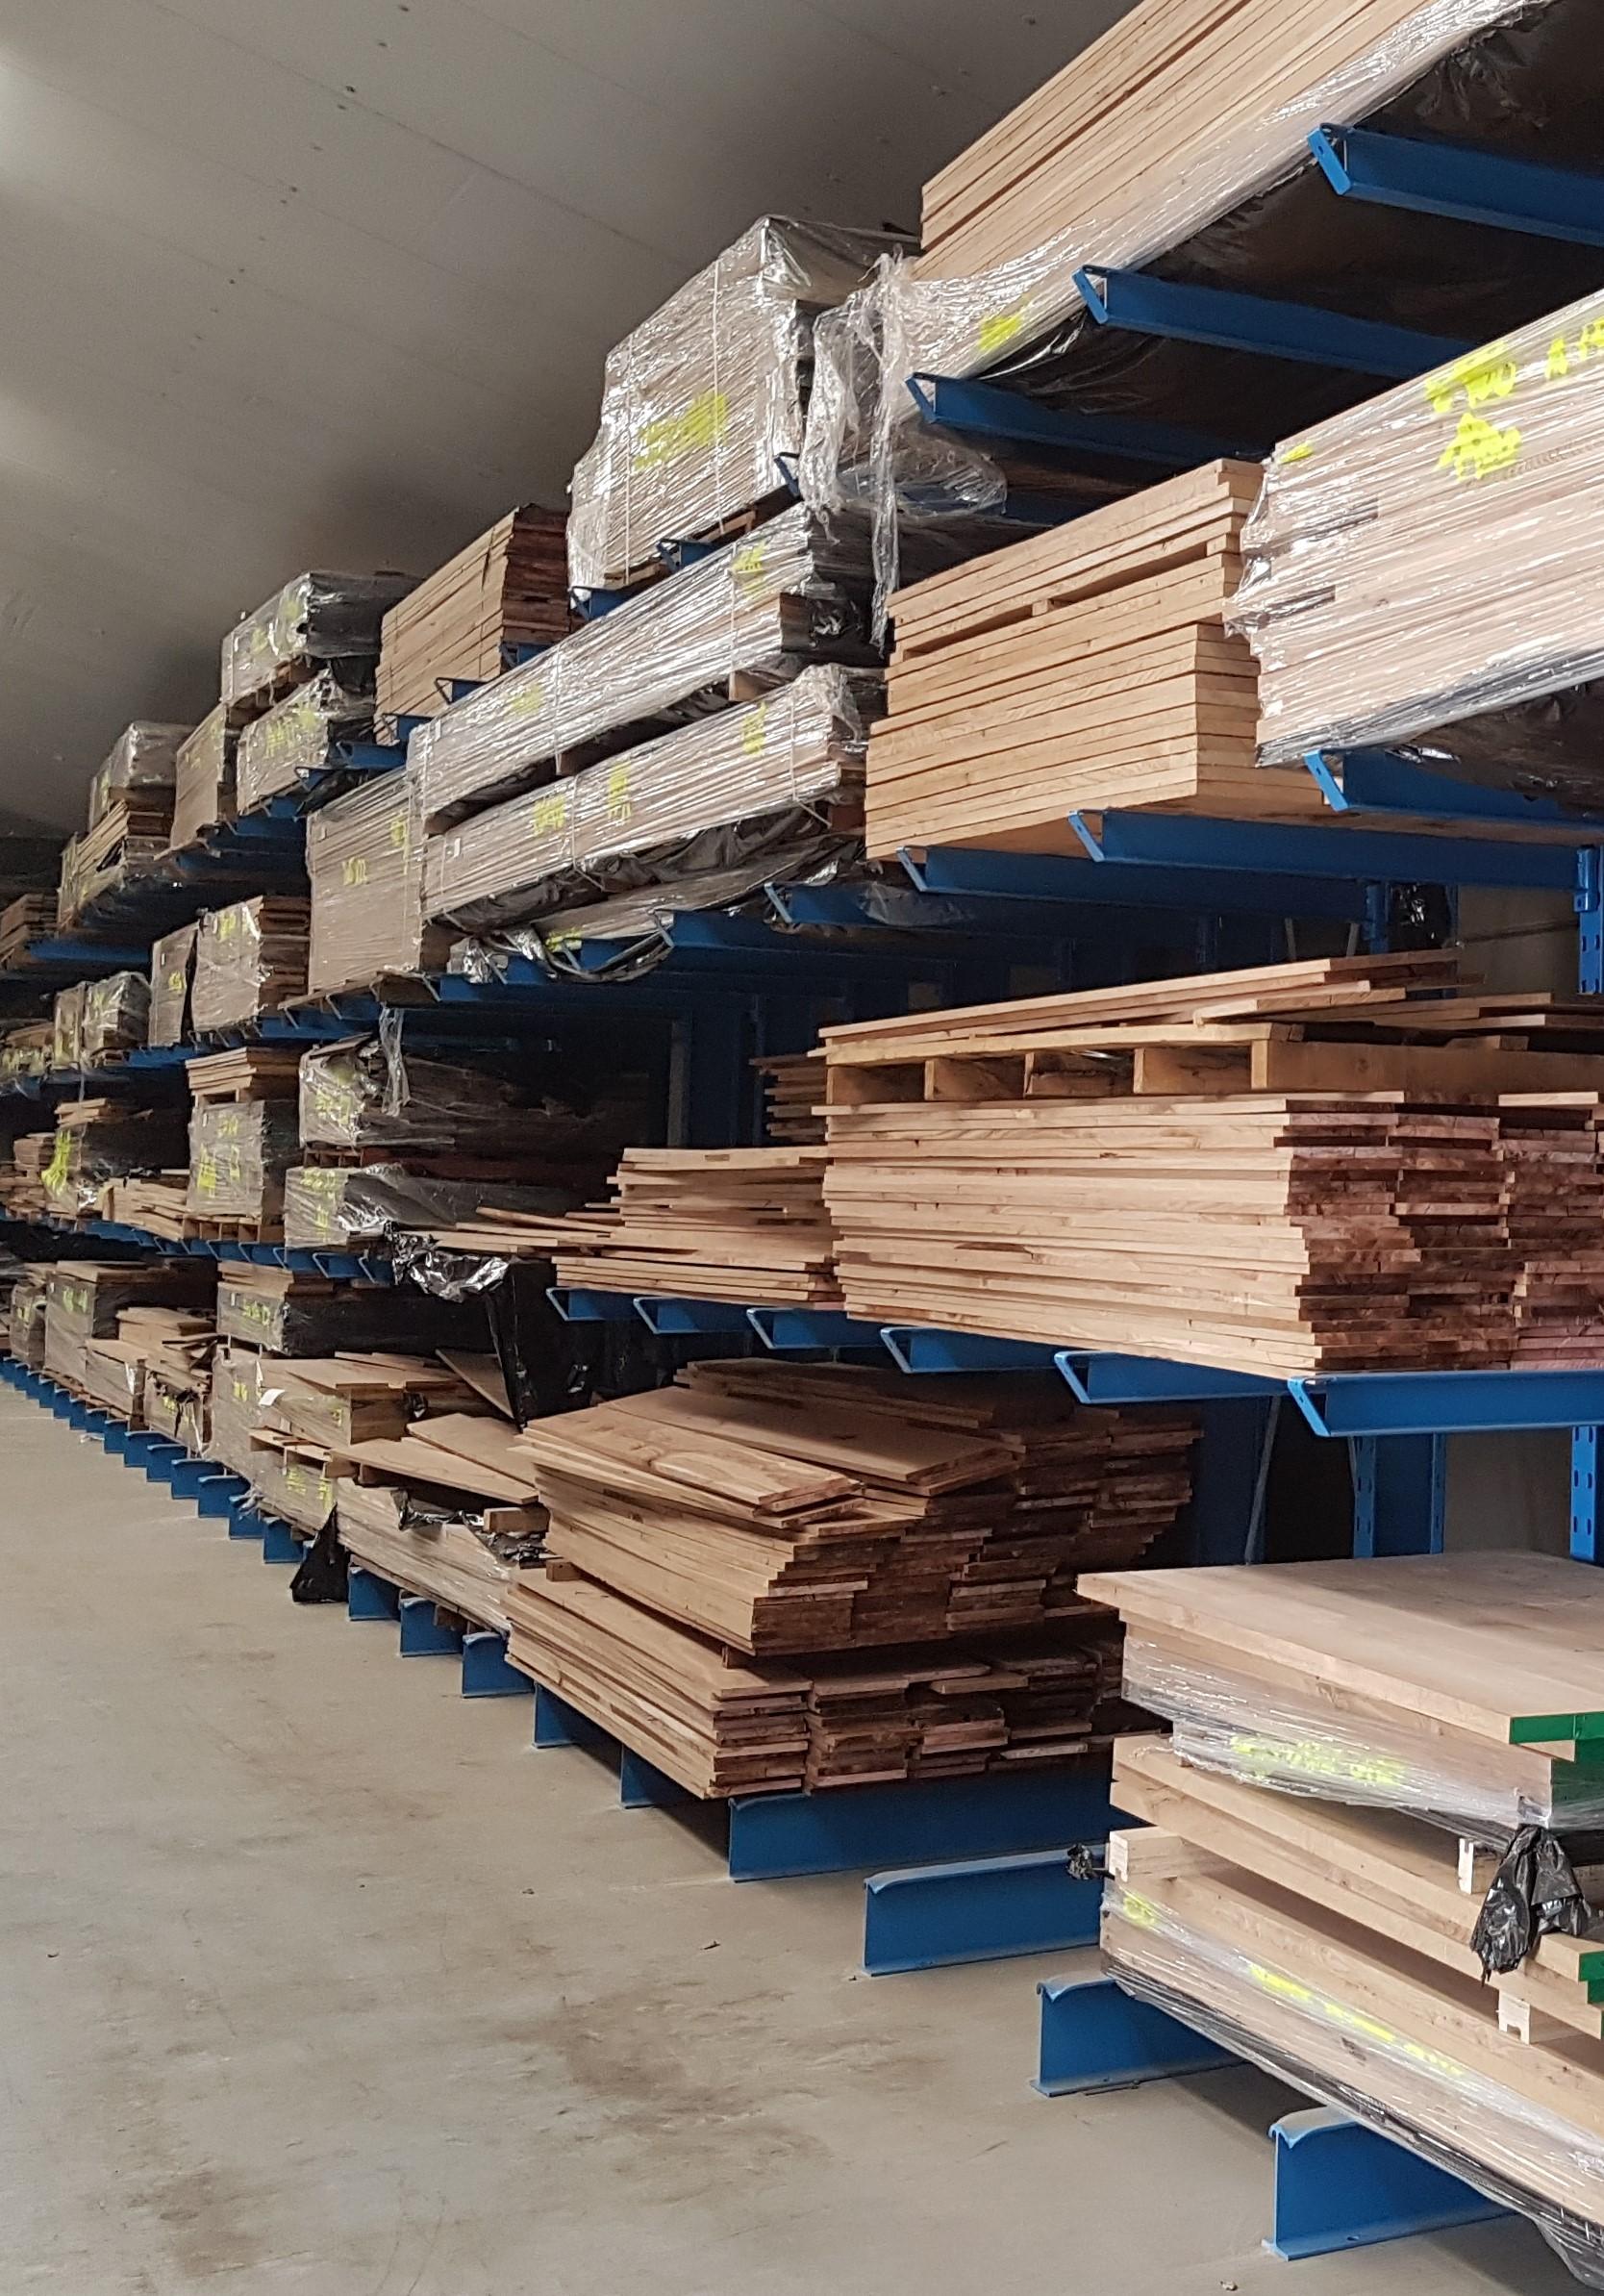 Zware 3. Zware enkelzijdige en dubbelzijdige draagarmstelling op voorraad voor opslag hout